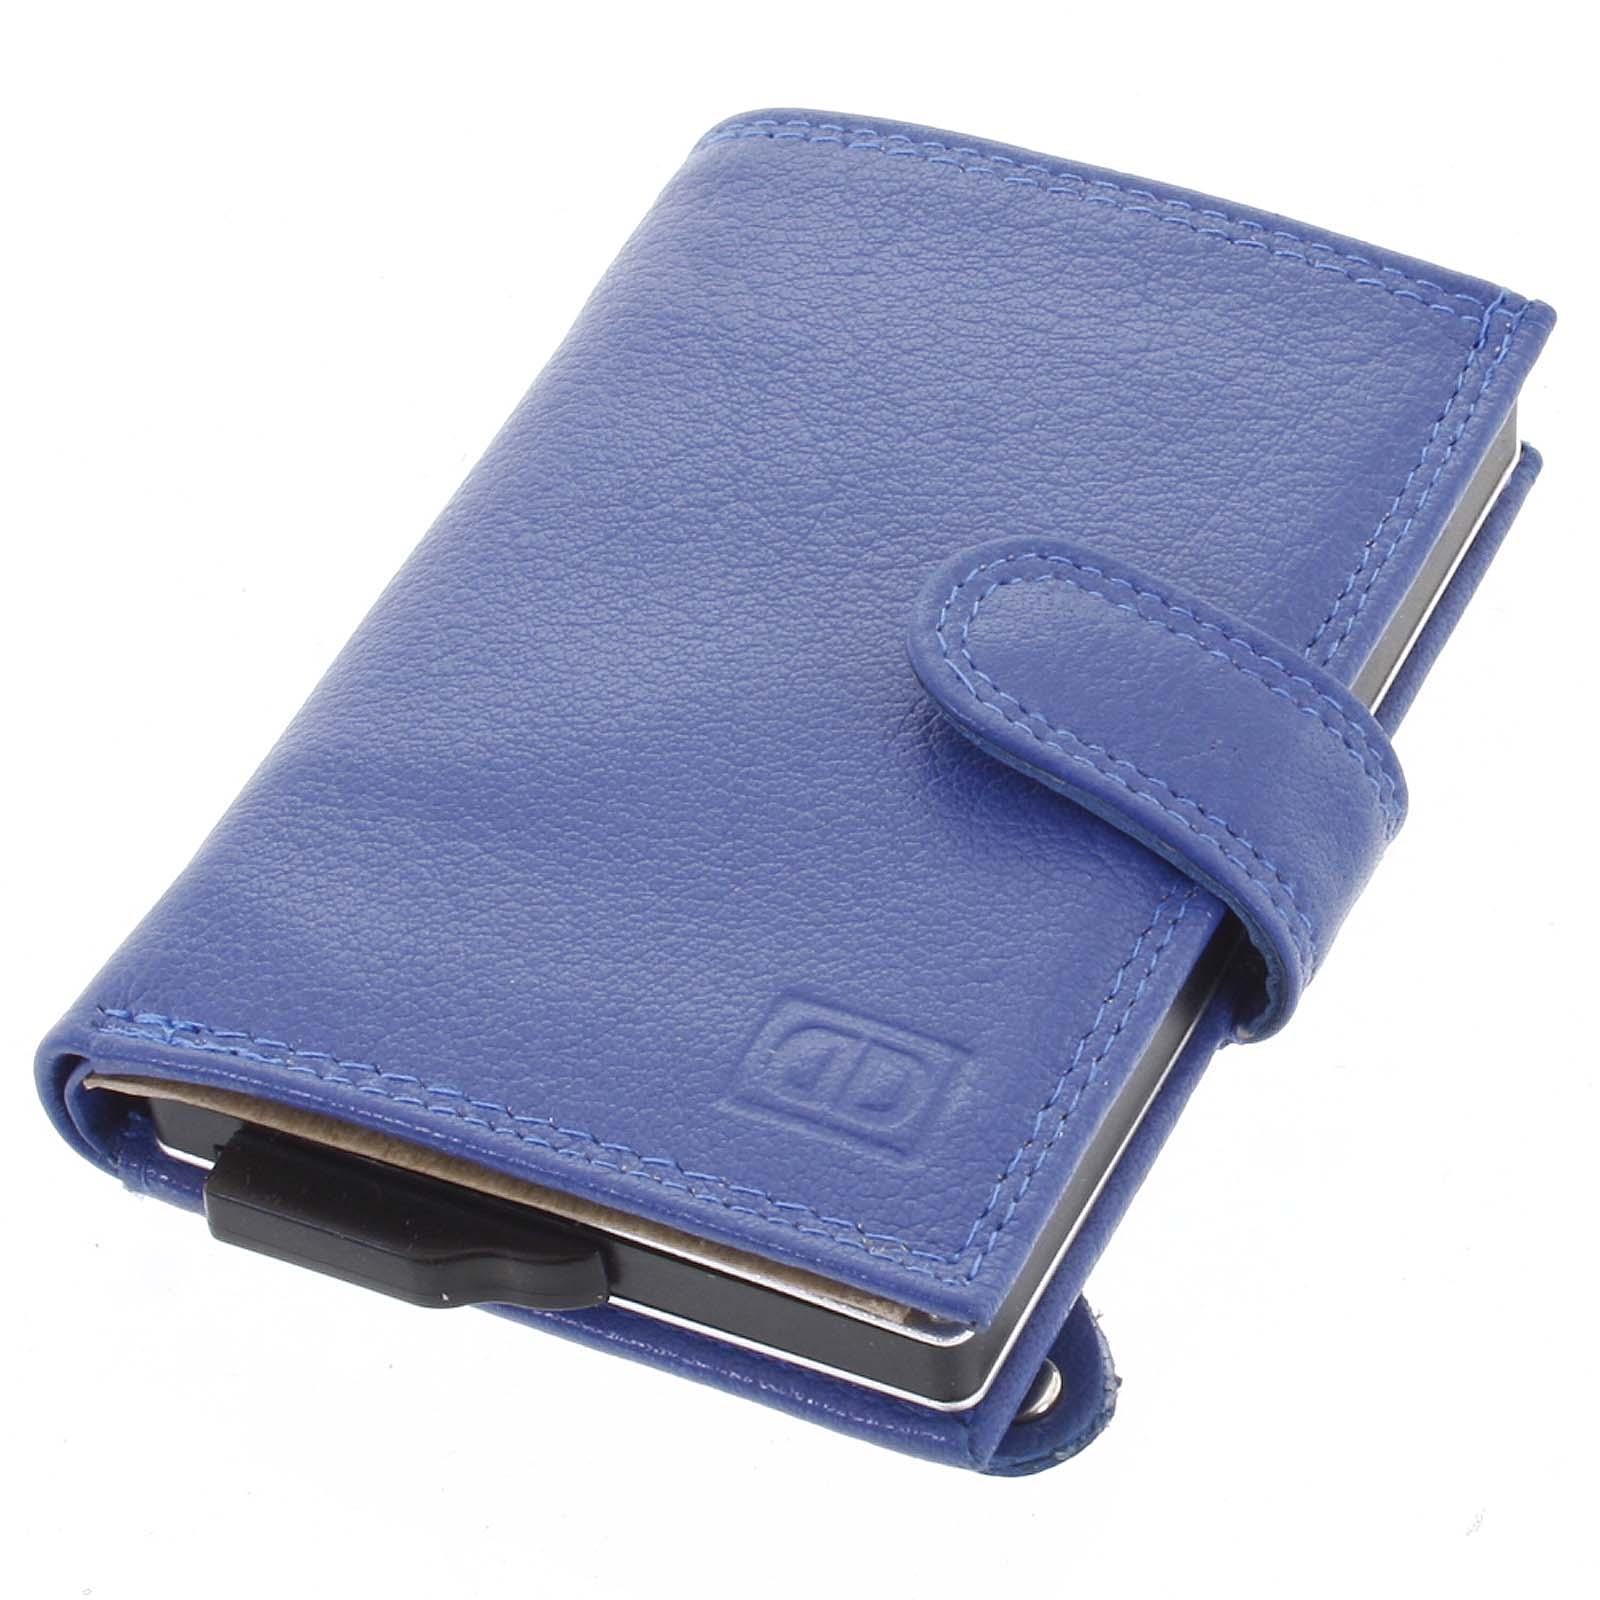 Kožené puzdro na karty modré - Double-D Jokim